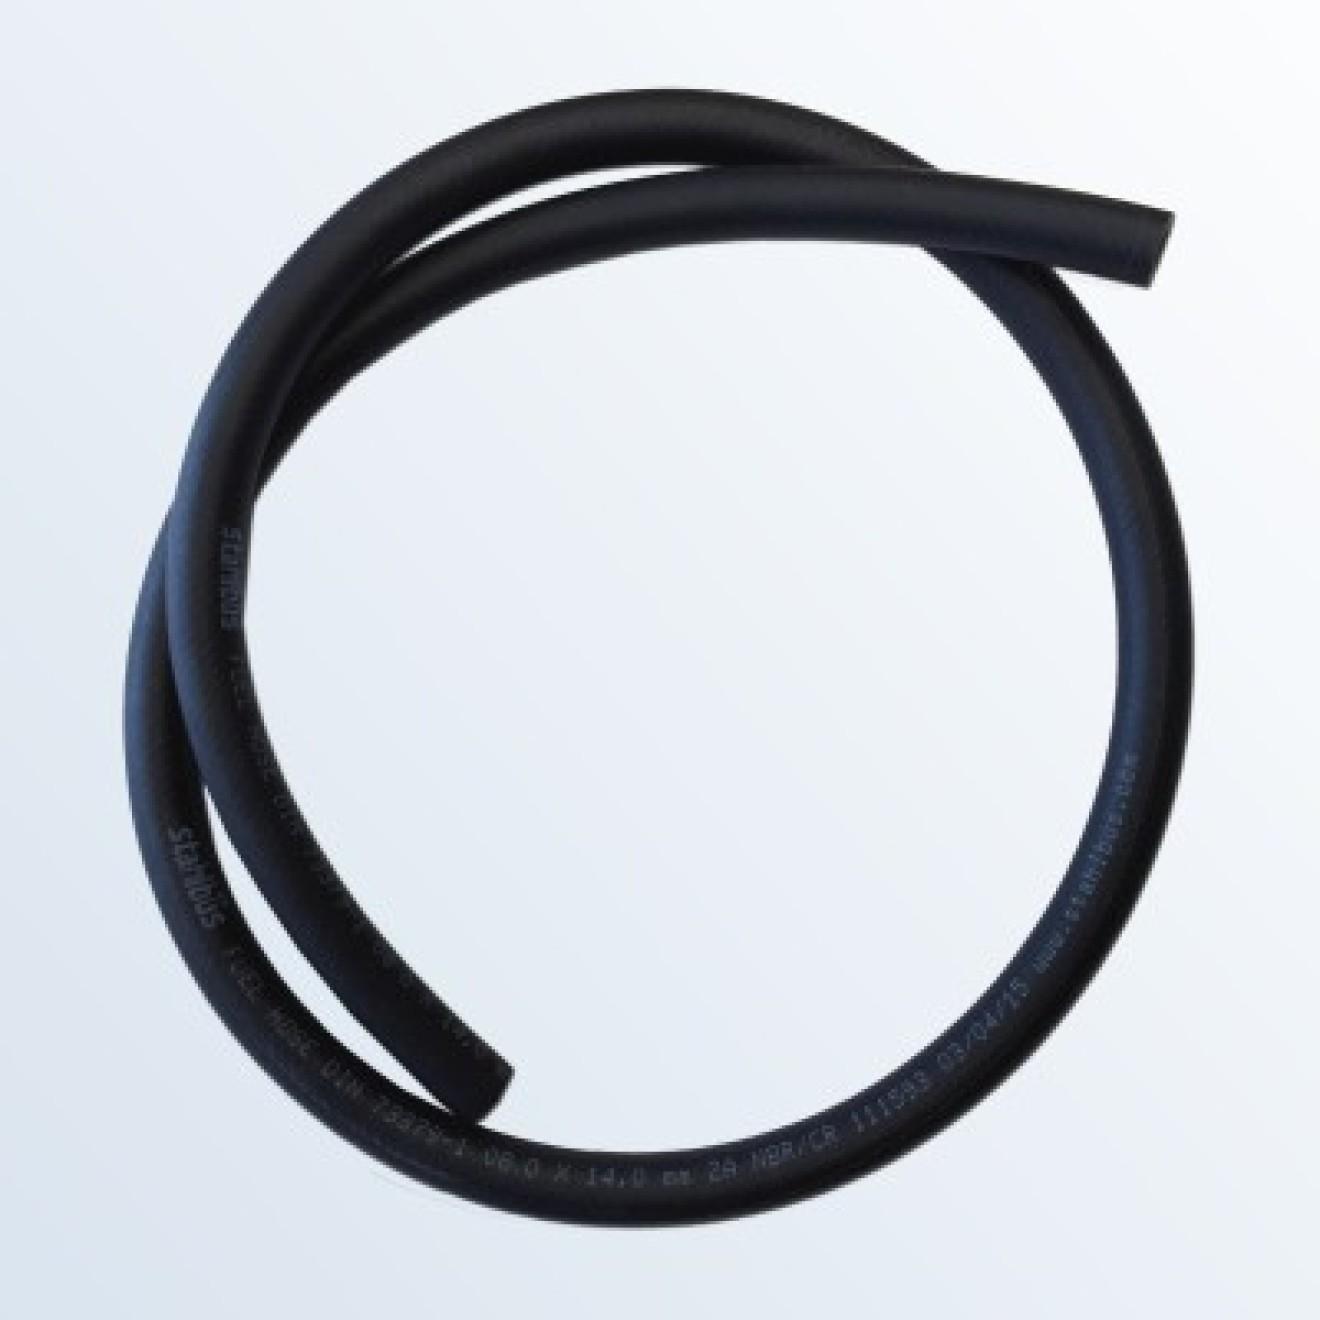 Benzinschlauch Kraftstoffleitung 8mm Öse 50cm lang Schlauch Edelstahlgeflecht